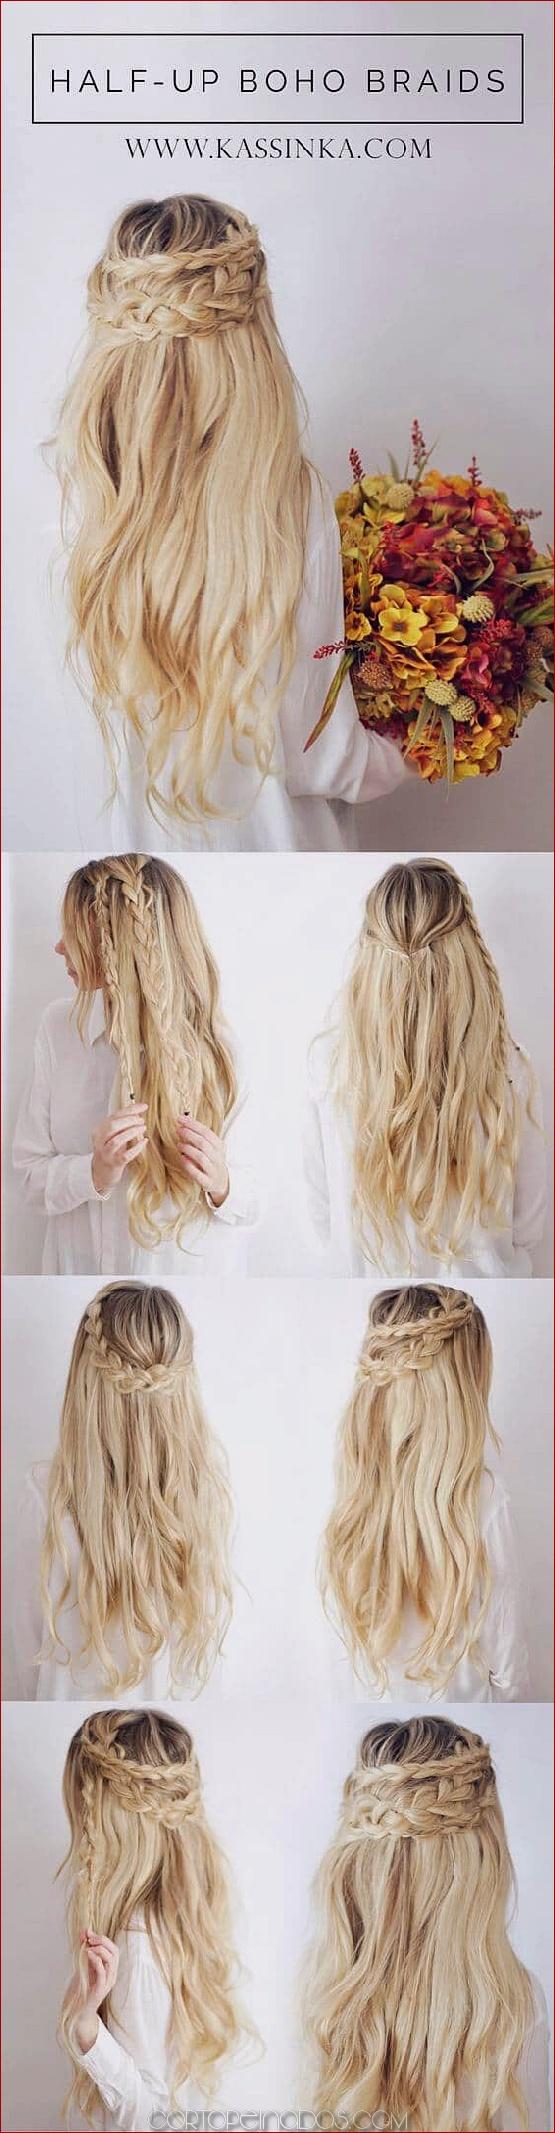 33 tutoriales paso a paso más populares de peinado